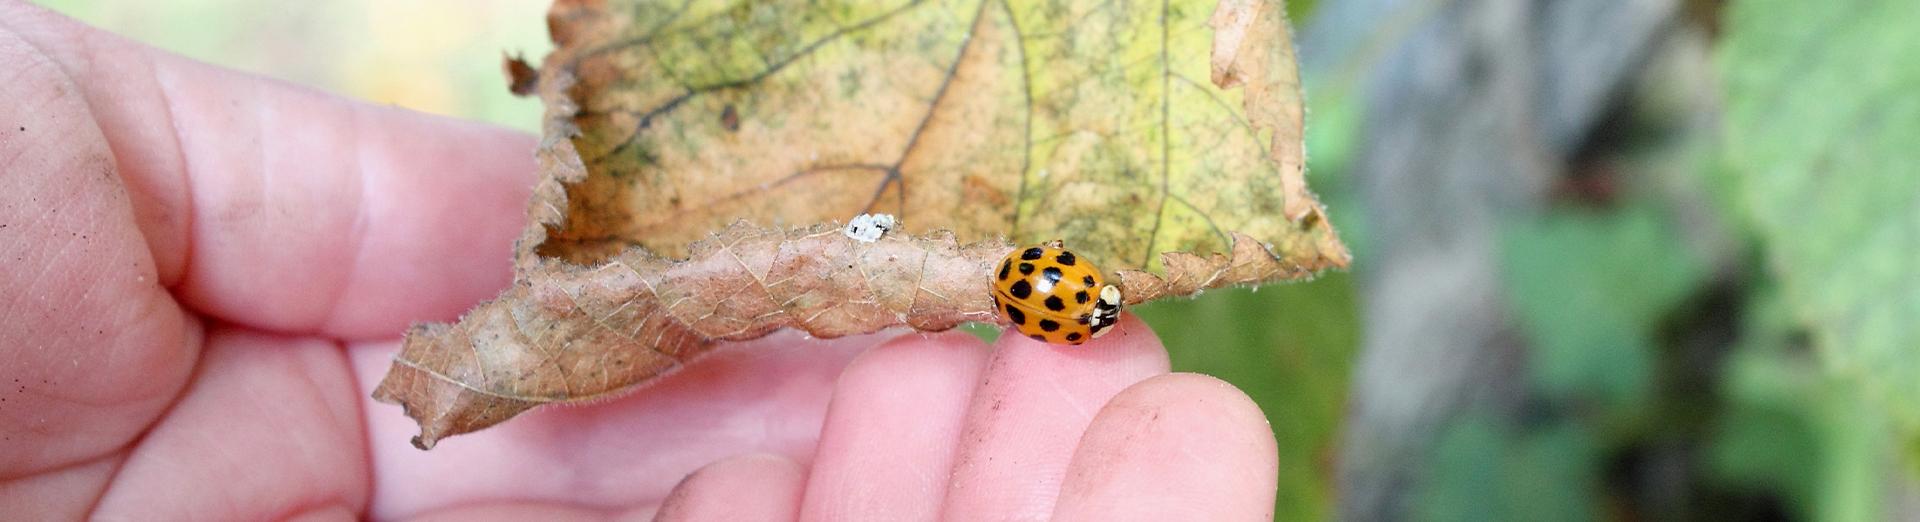 Kleiner Marienkäfer auf einem Blatt mit Hand